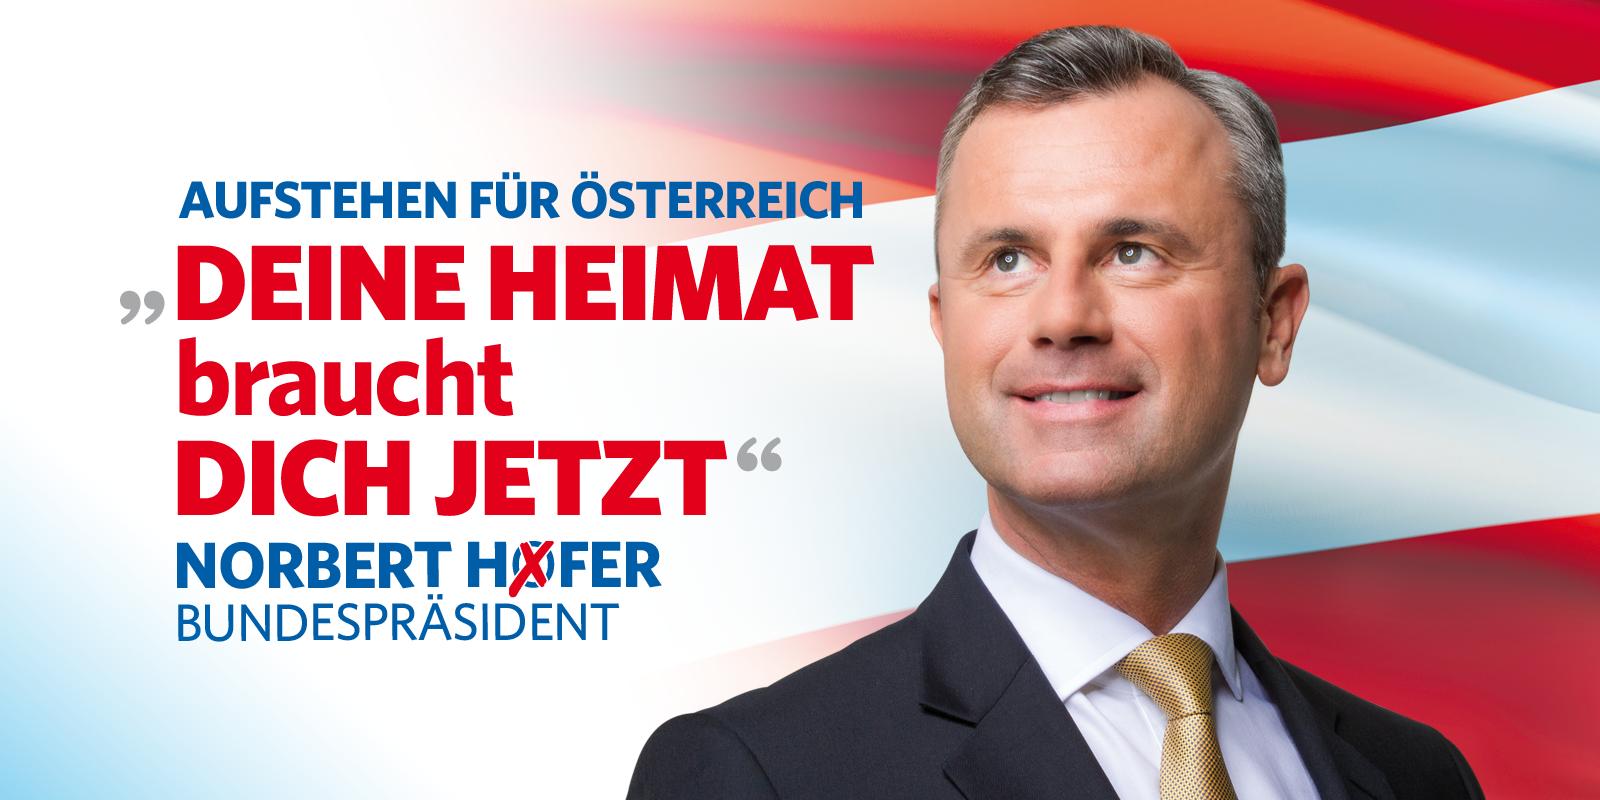 hofer_heimat